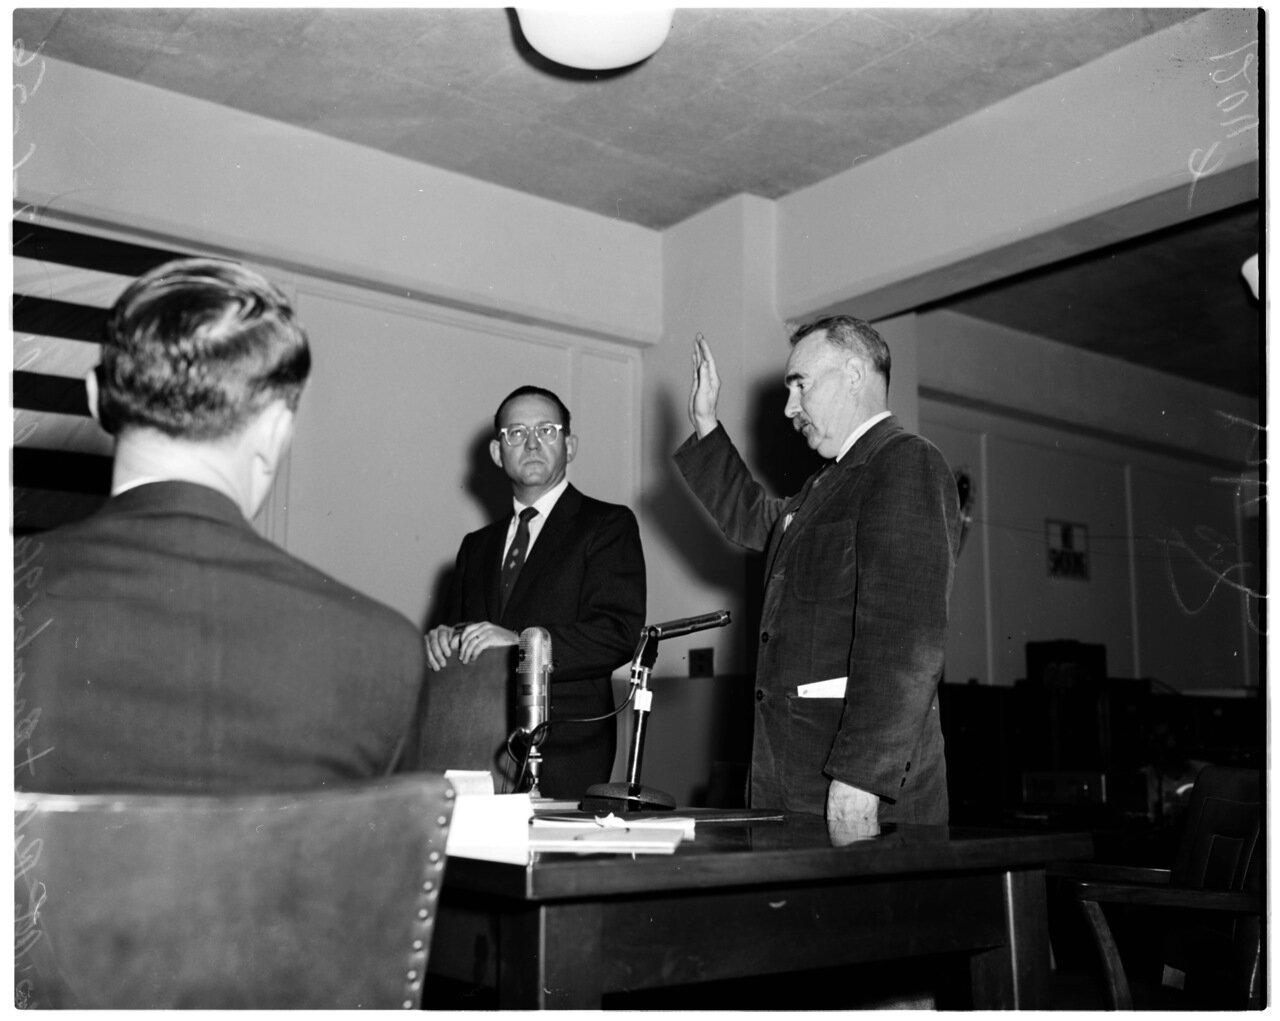 1956. 6 декабря. Комиссия по расследованию антиамериканской деятельности. Адвокат Джон Портер и Карл Брант, произносящий слова присяги